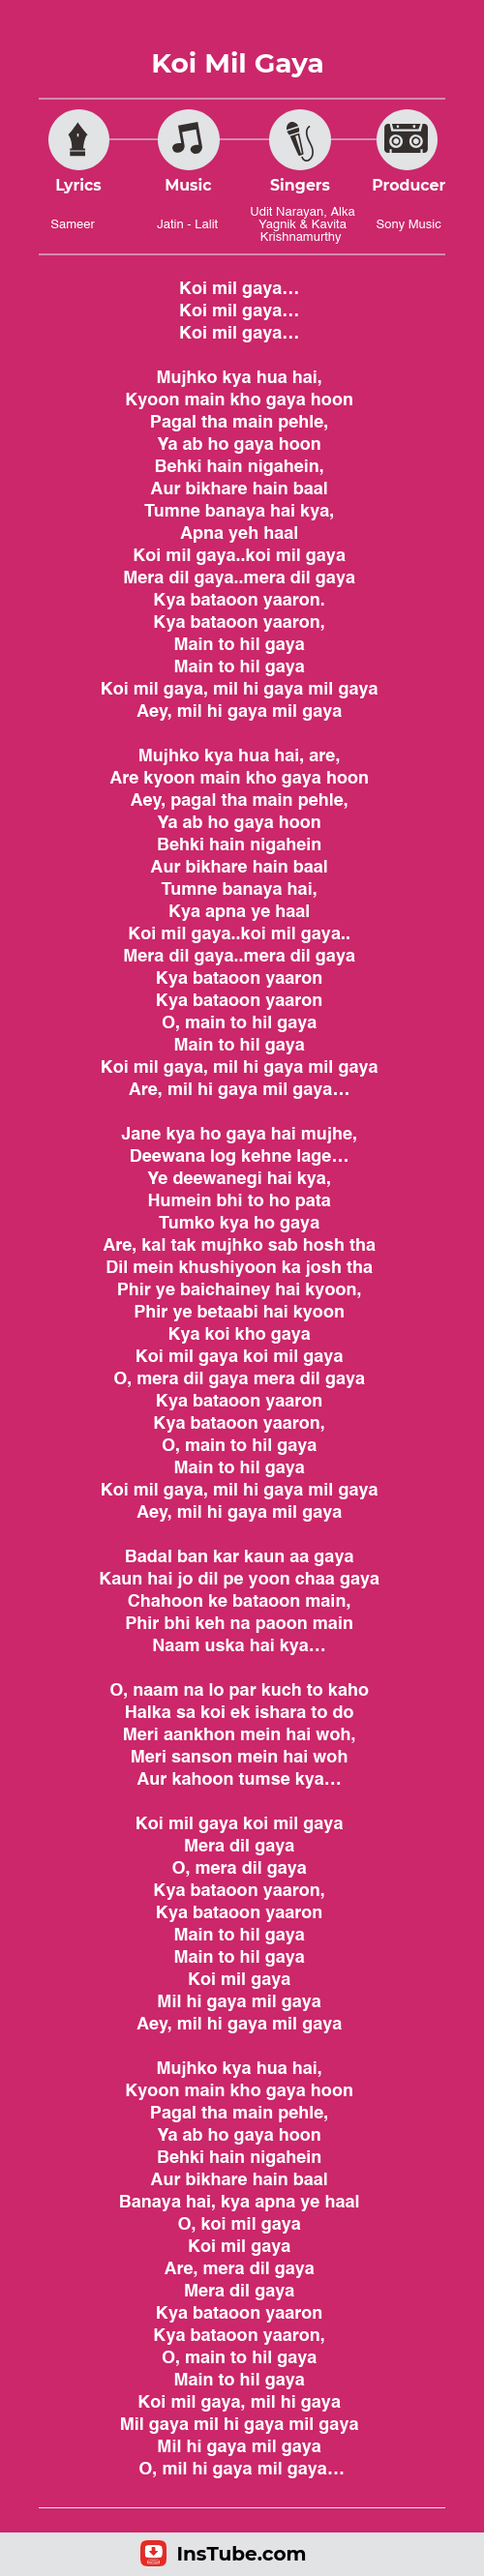 Kuch Kuch Hota Hai songs Koi Mil Gaya lyrics